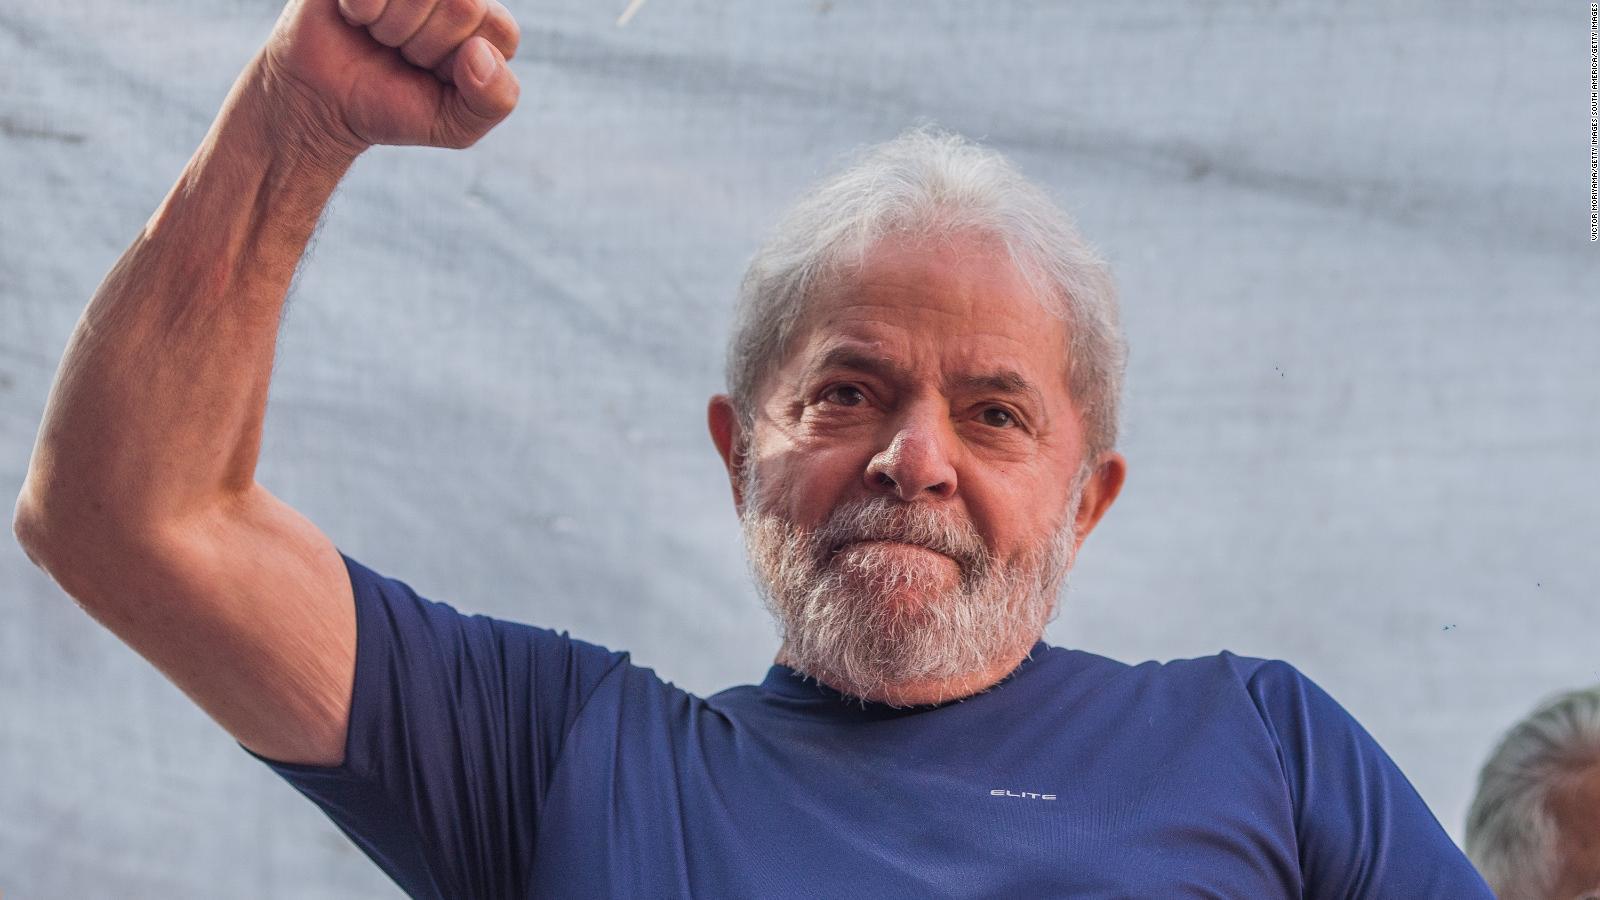 Qué efectos tendrá la detención de Luiz Inácio Lula da Silva en la política brasileña? | Video | CNN